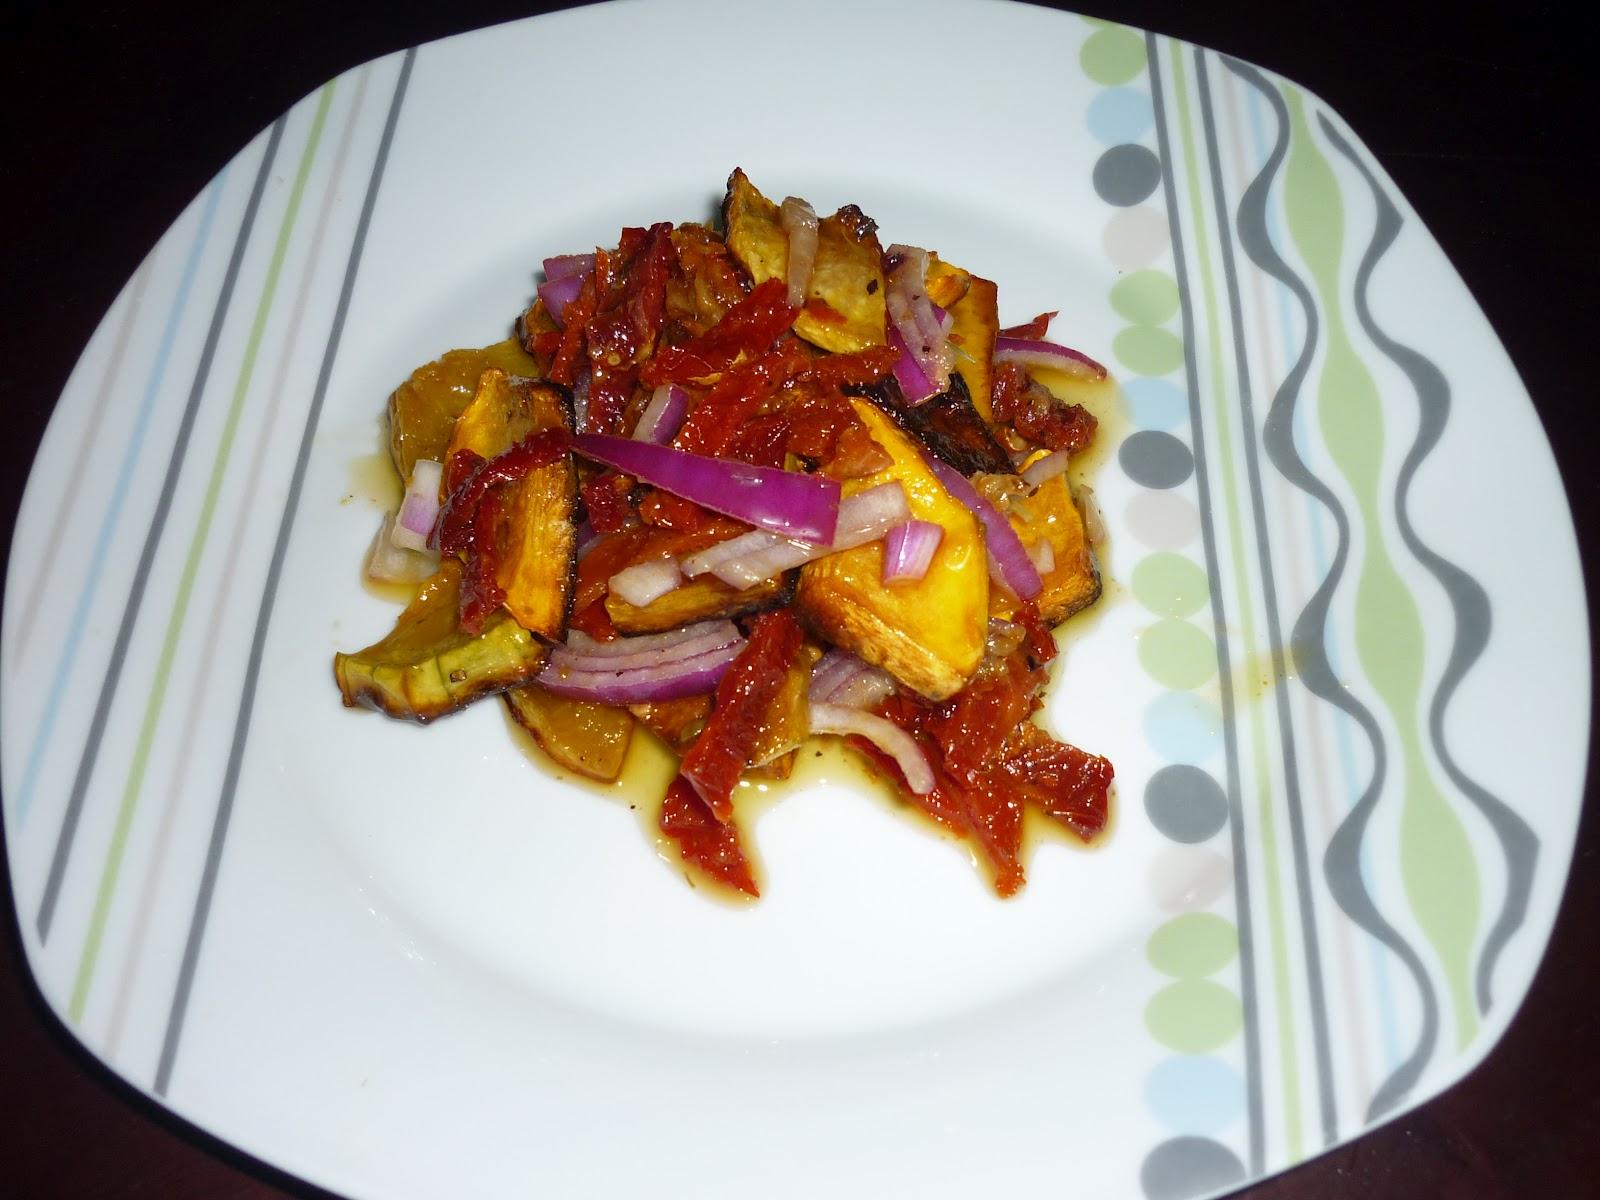 Clases de cocina con clase recetas con zapallo iii - Cocina con clase ...